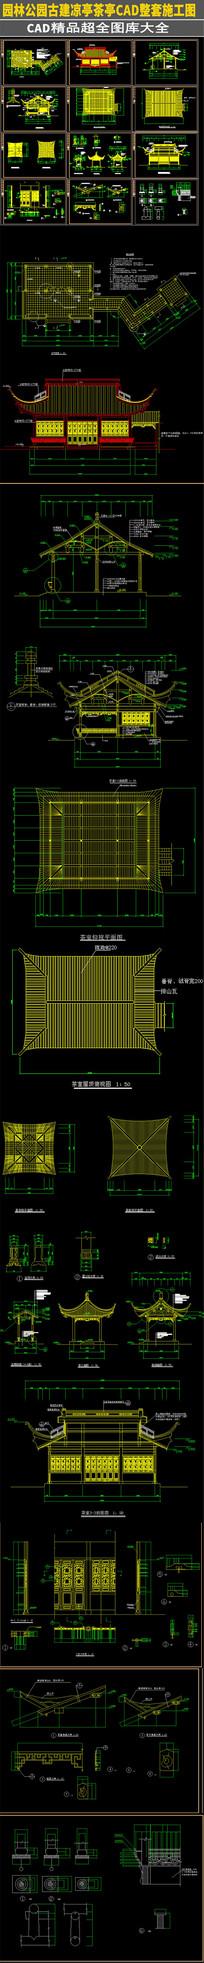 整套凉亭茶楼亭子CAD施工图